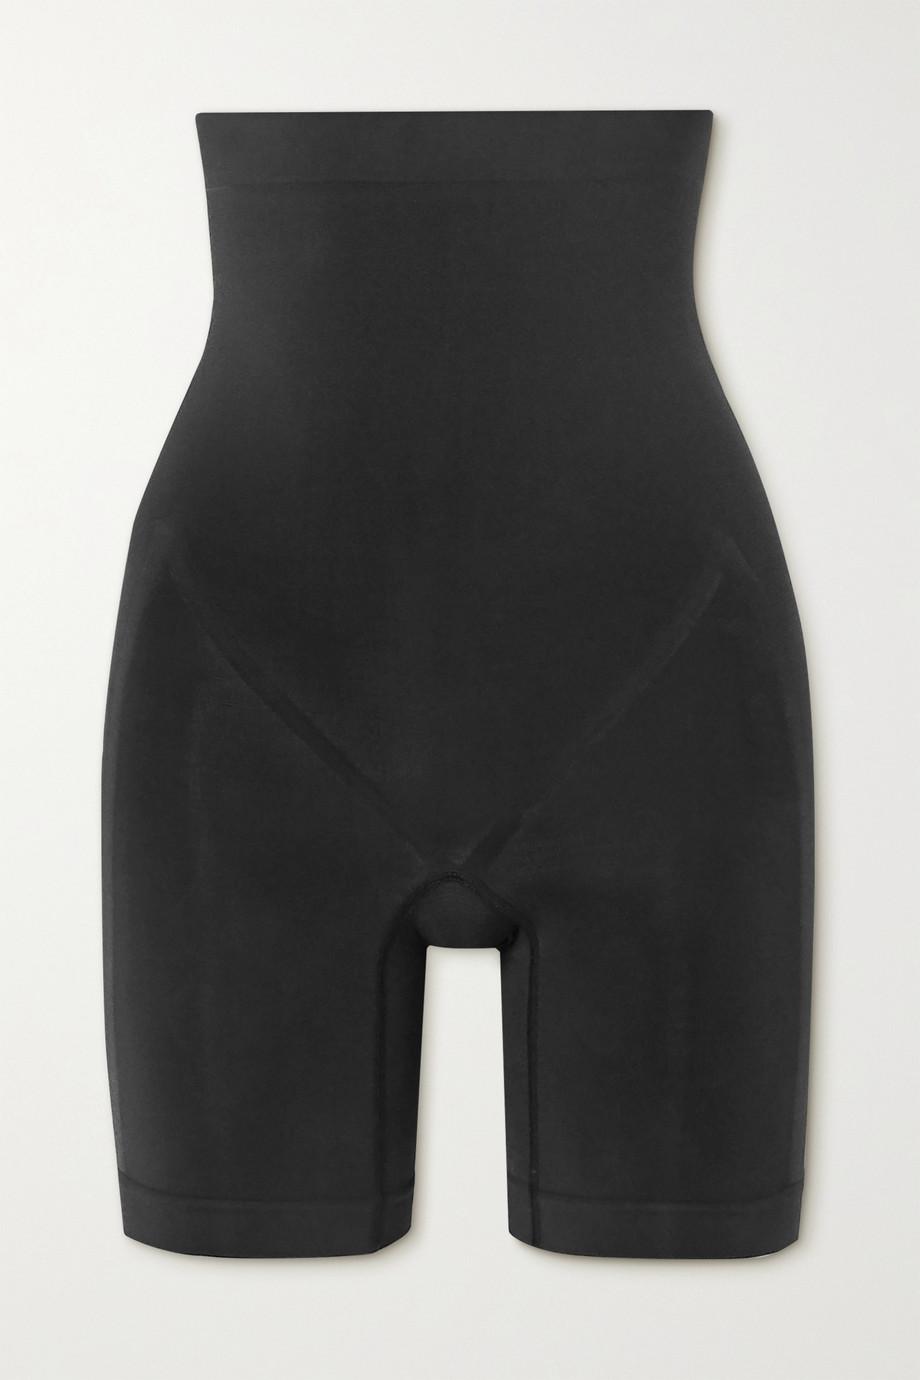 SKIMS Bonded High Waisted shorts - Onyx